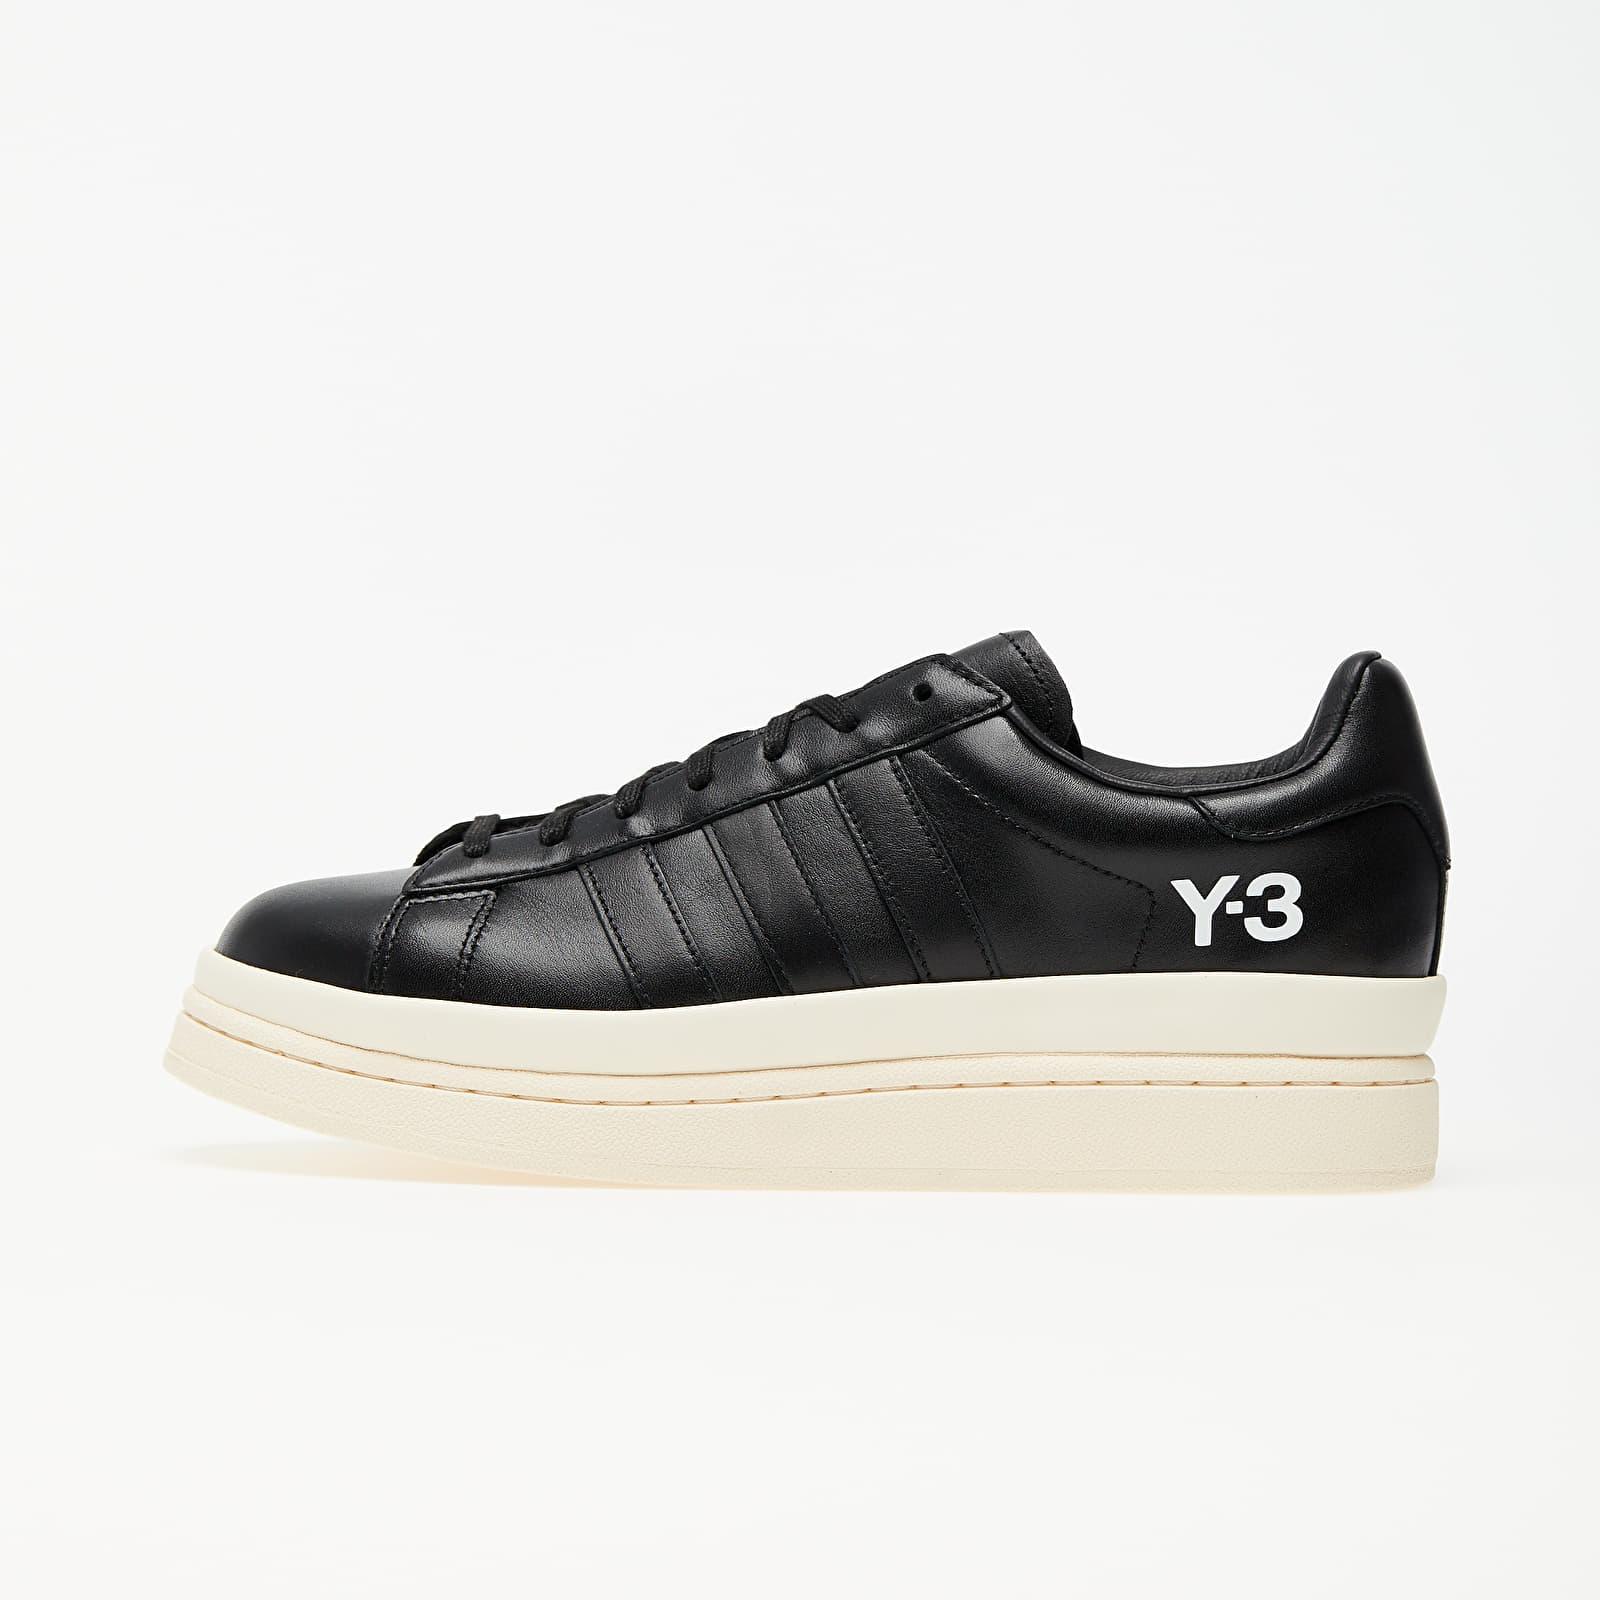 Men's shoes Y-3 Hicho Black/ Black/ Core White